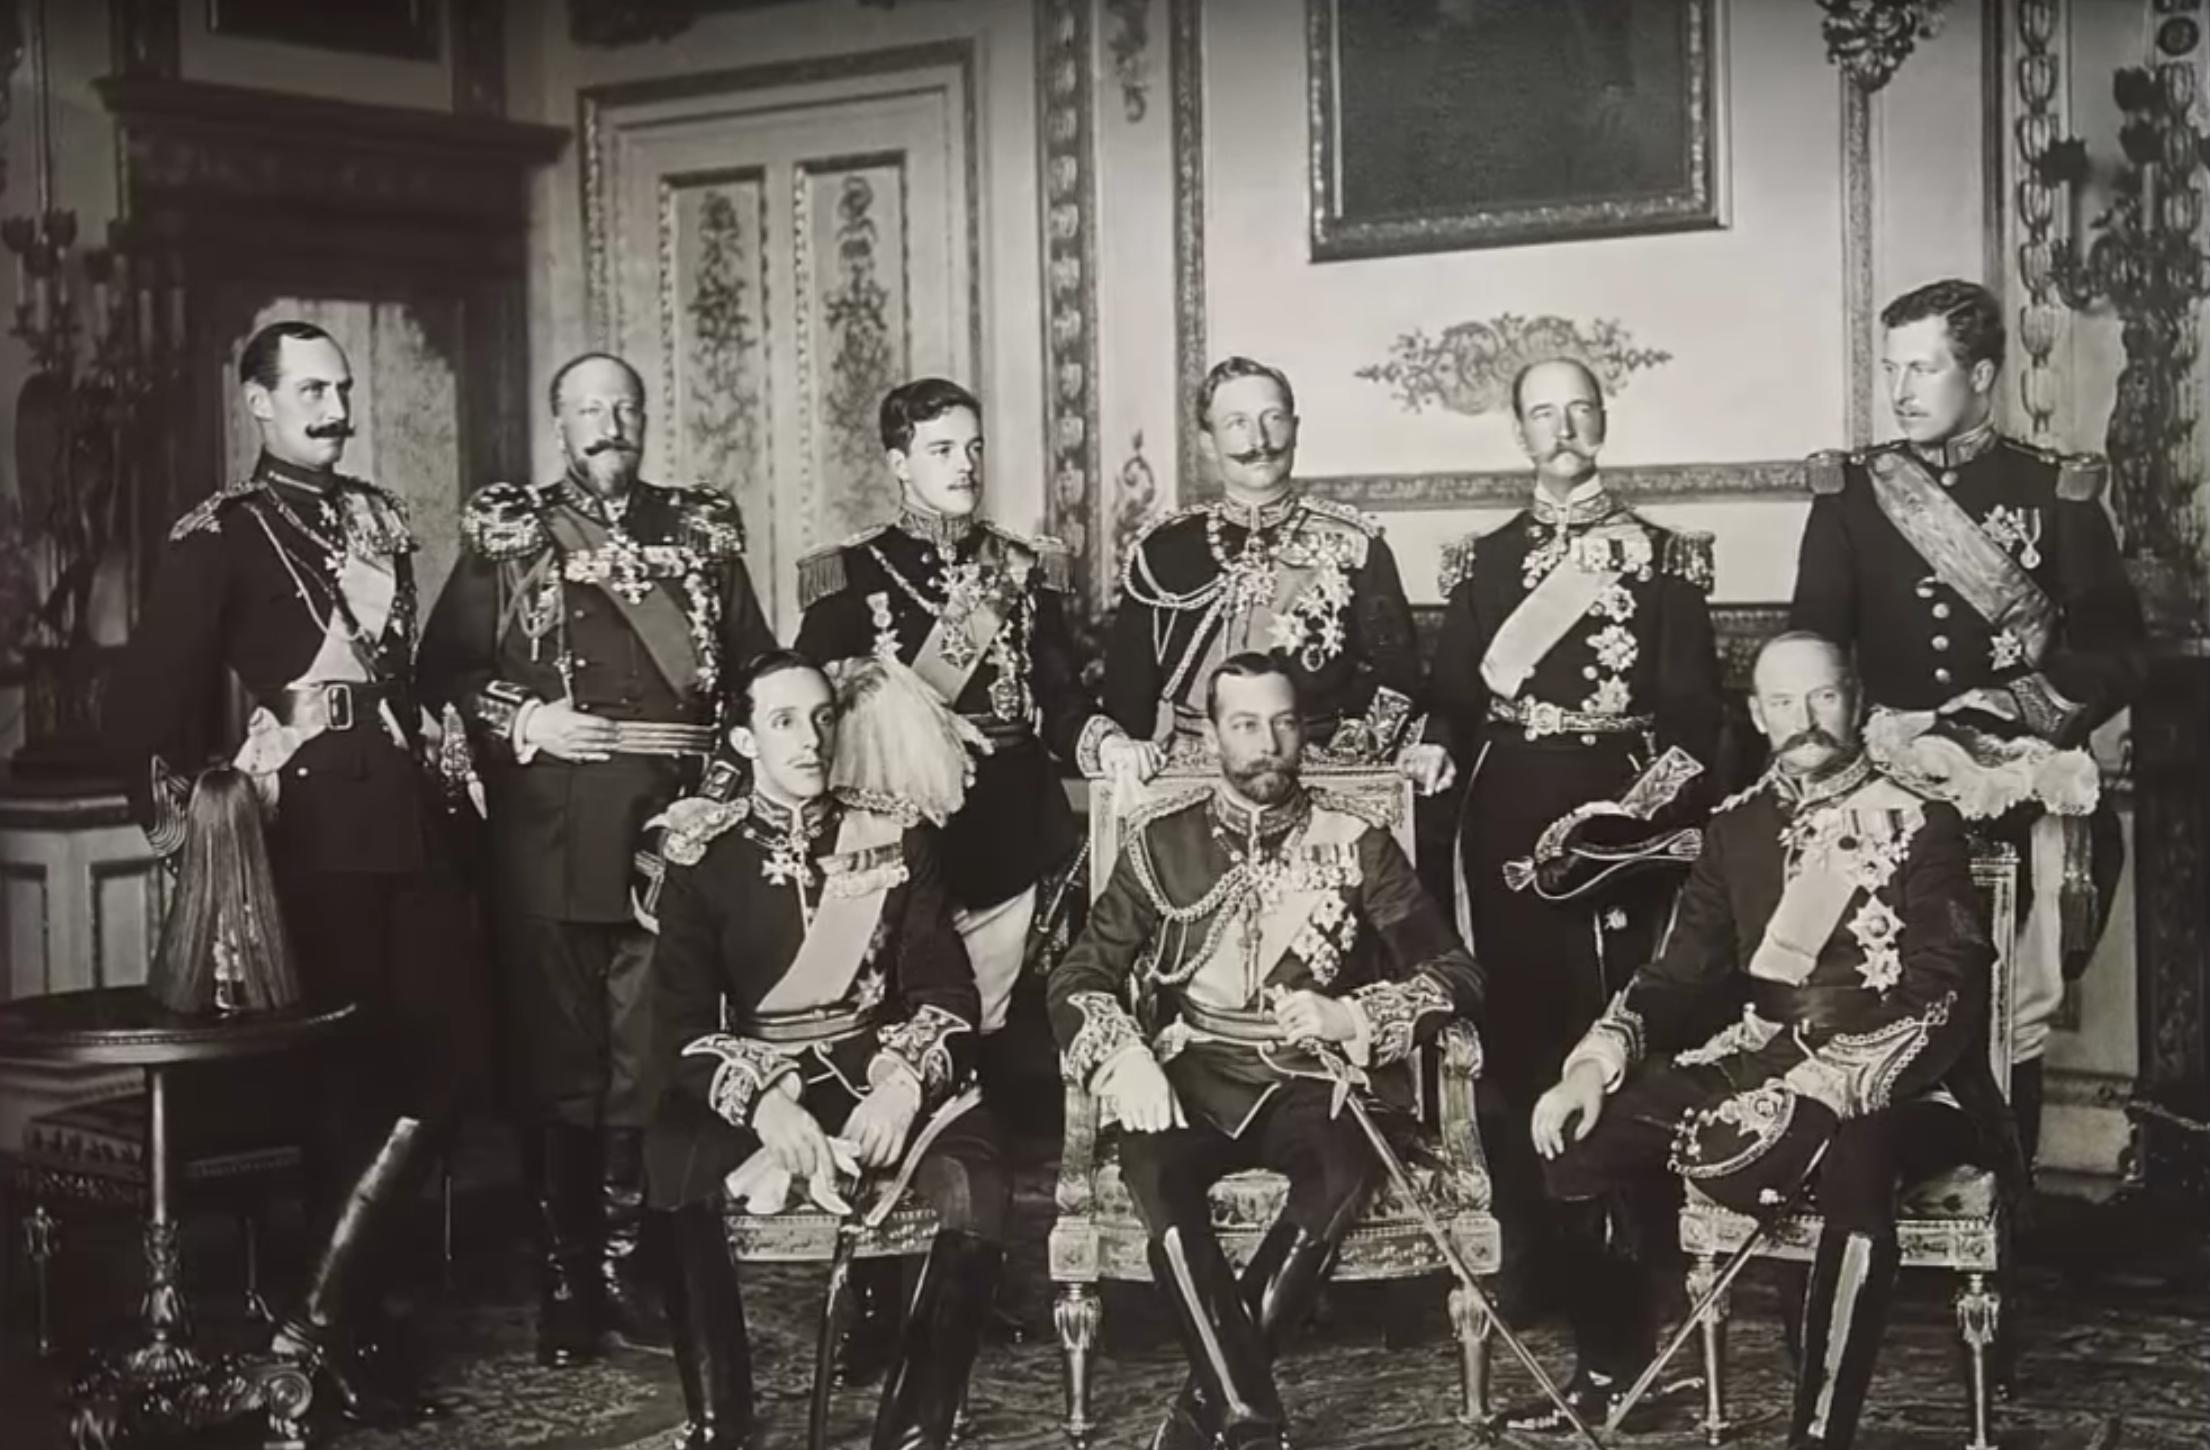 История одной фотографии: девять европейских королей на одном снимке, май 1910 года король, Георг, будут, сразу, через, монархов, Болгарии, девяти, Меньше, Греческий, смещены, четверо, будущемИз, ближайшем, Эдуарда, самом, знают, короля, английского, последний